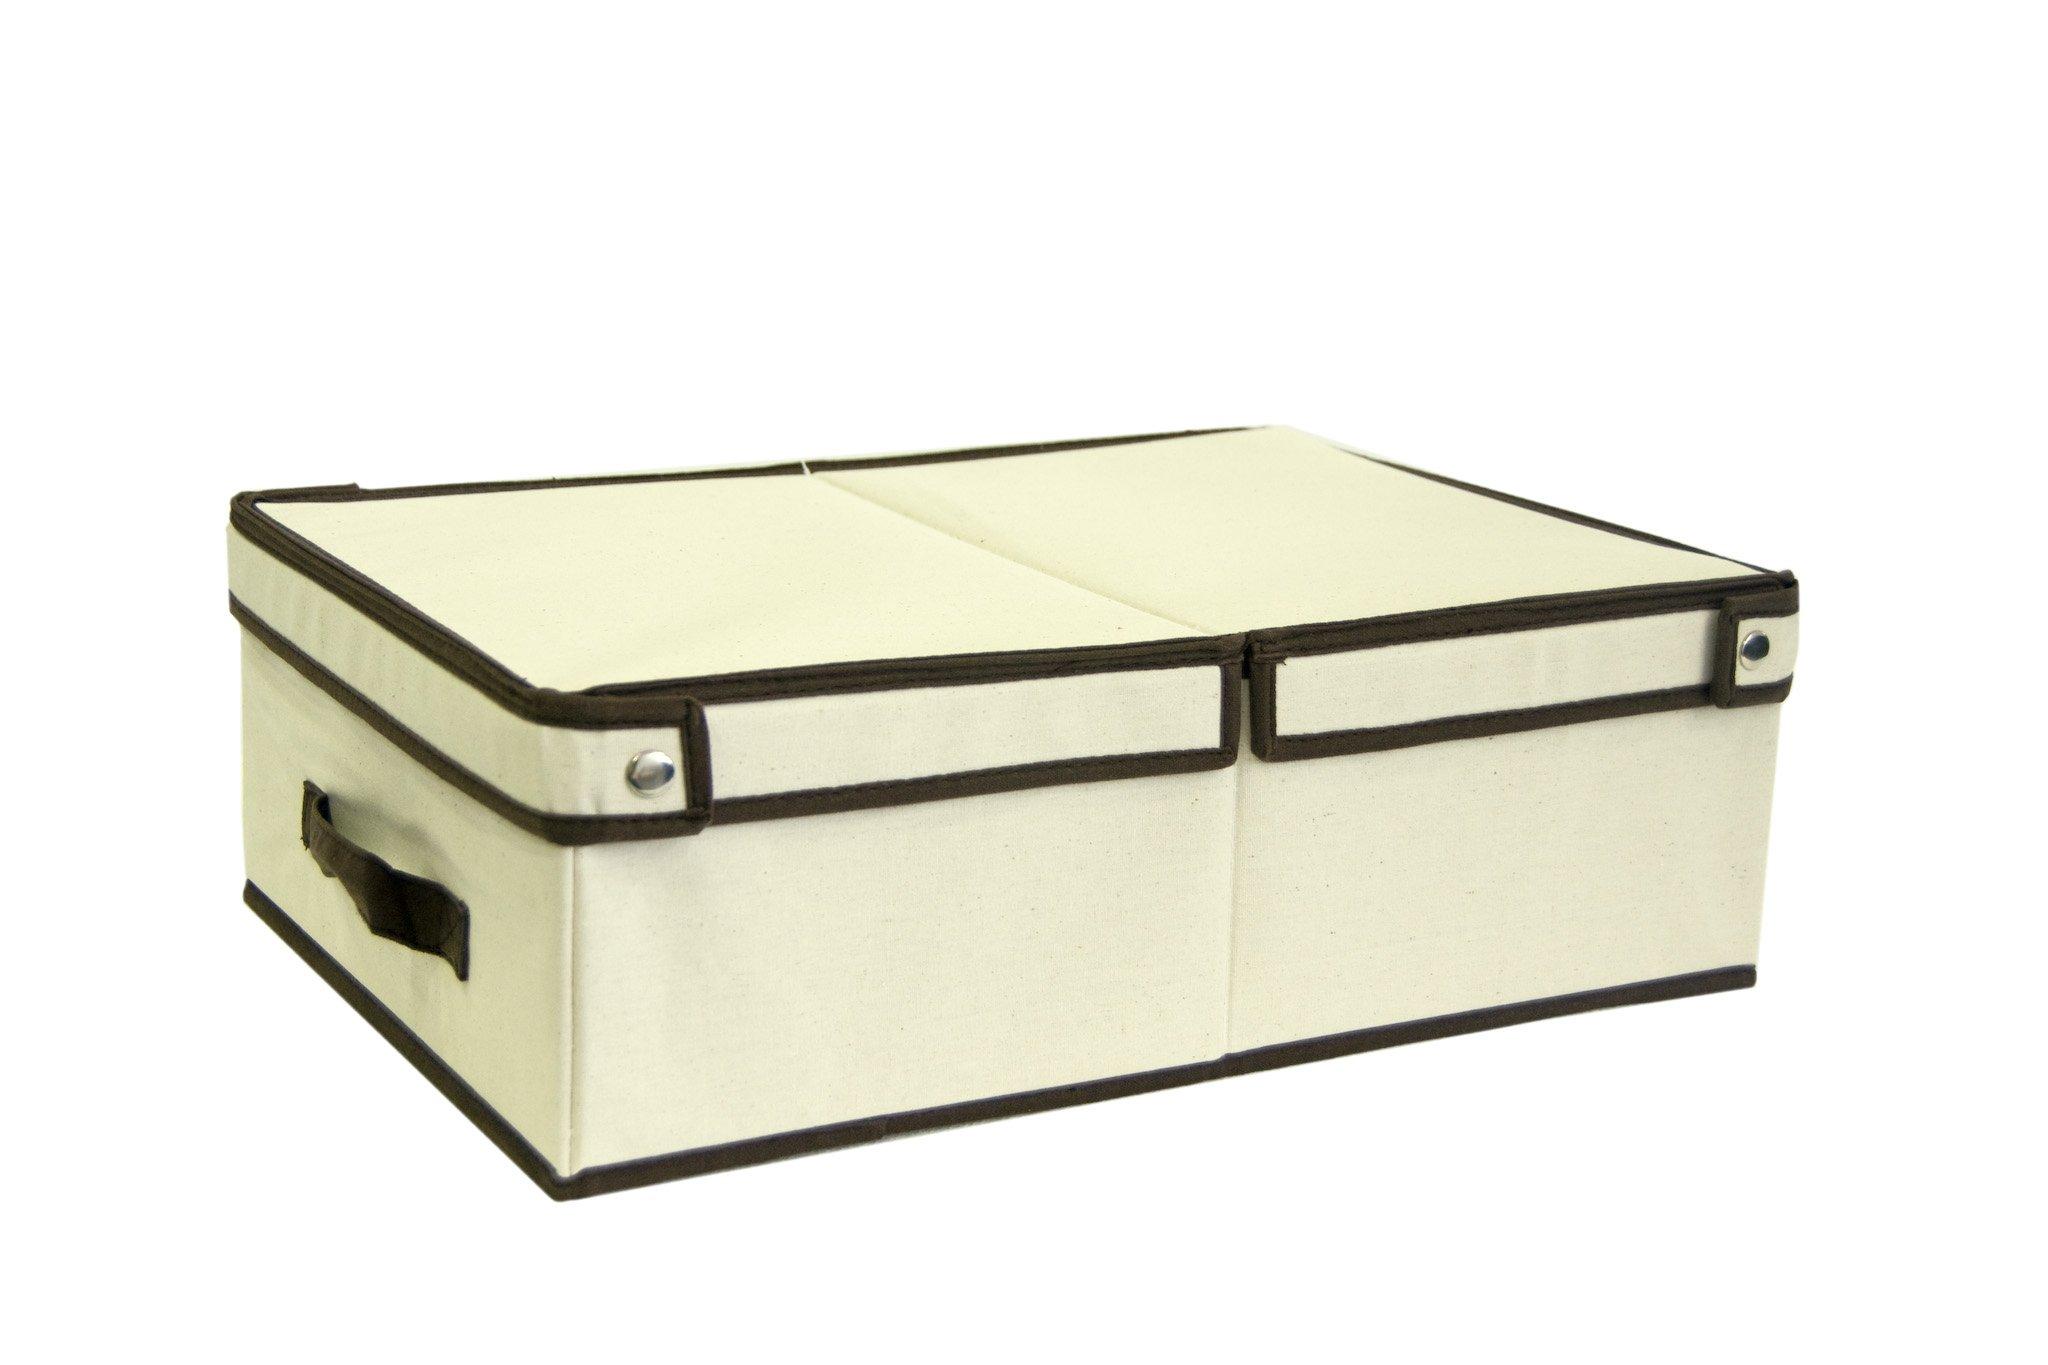 Caja Orden Bajo Cama 35x50x16cm: Amazon.es: Hogar